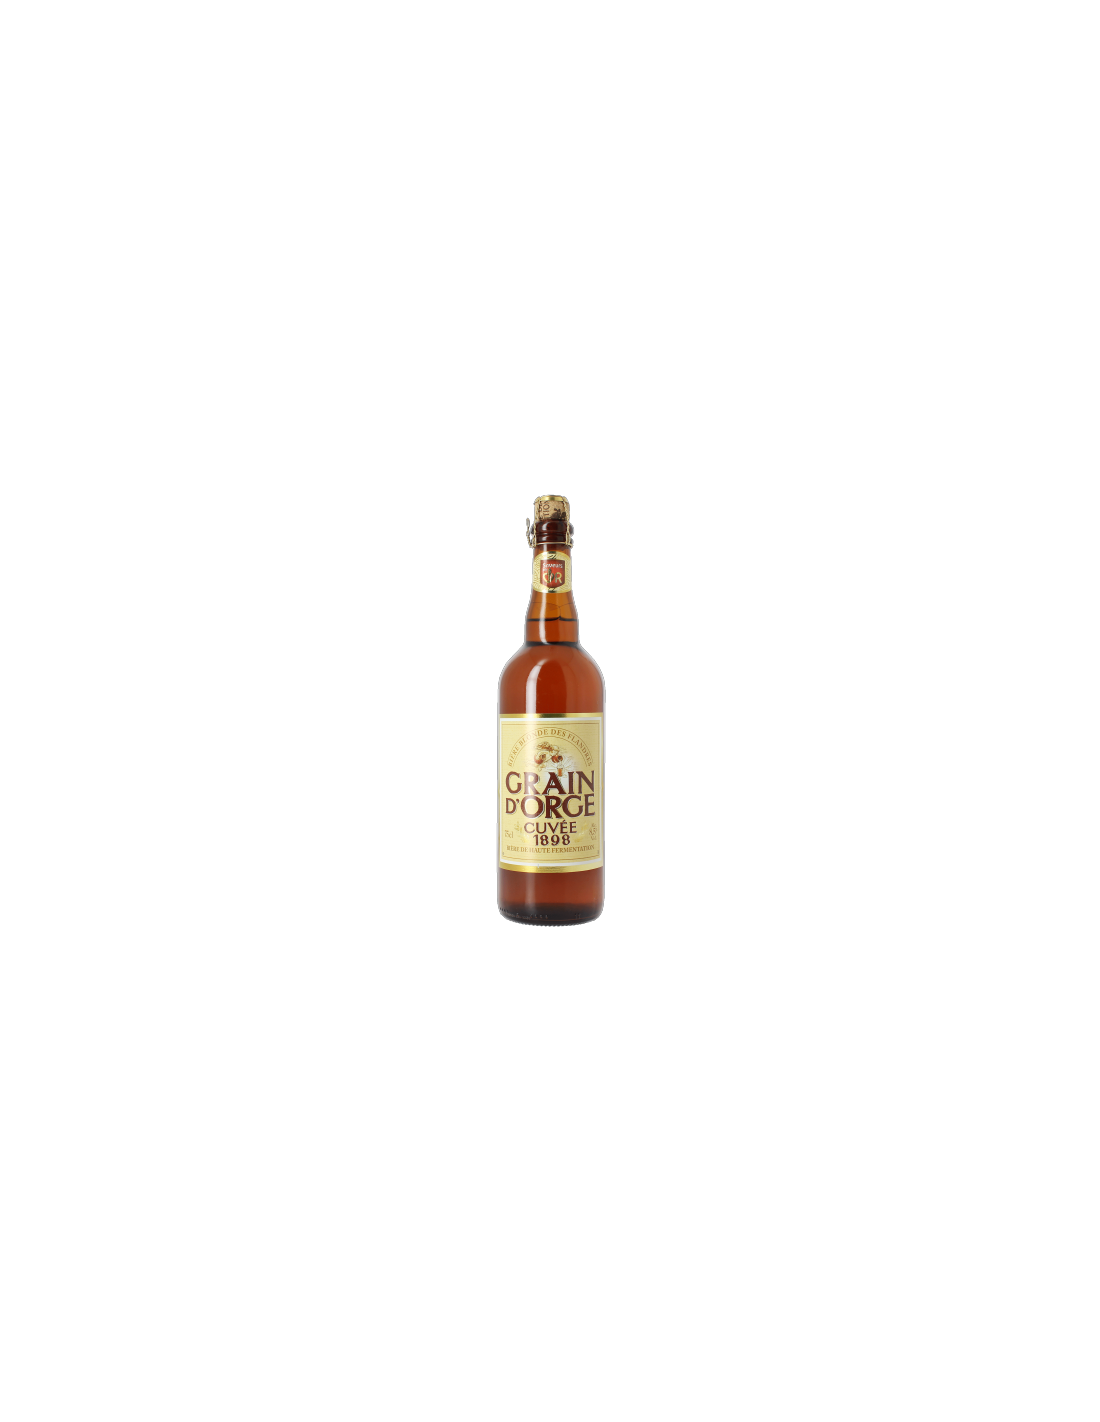 Bere Grain D'orge Cuvee 1898 0.75l